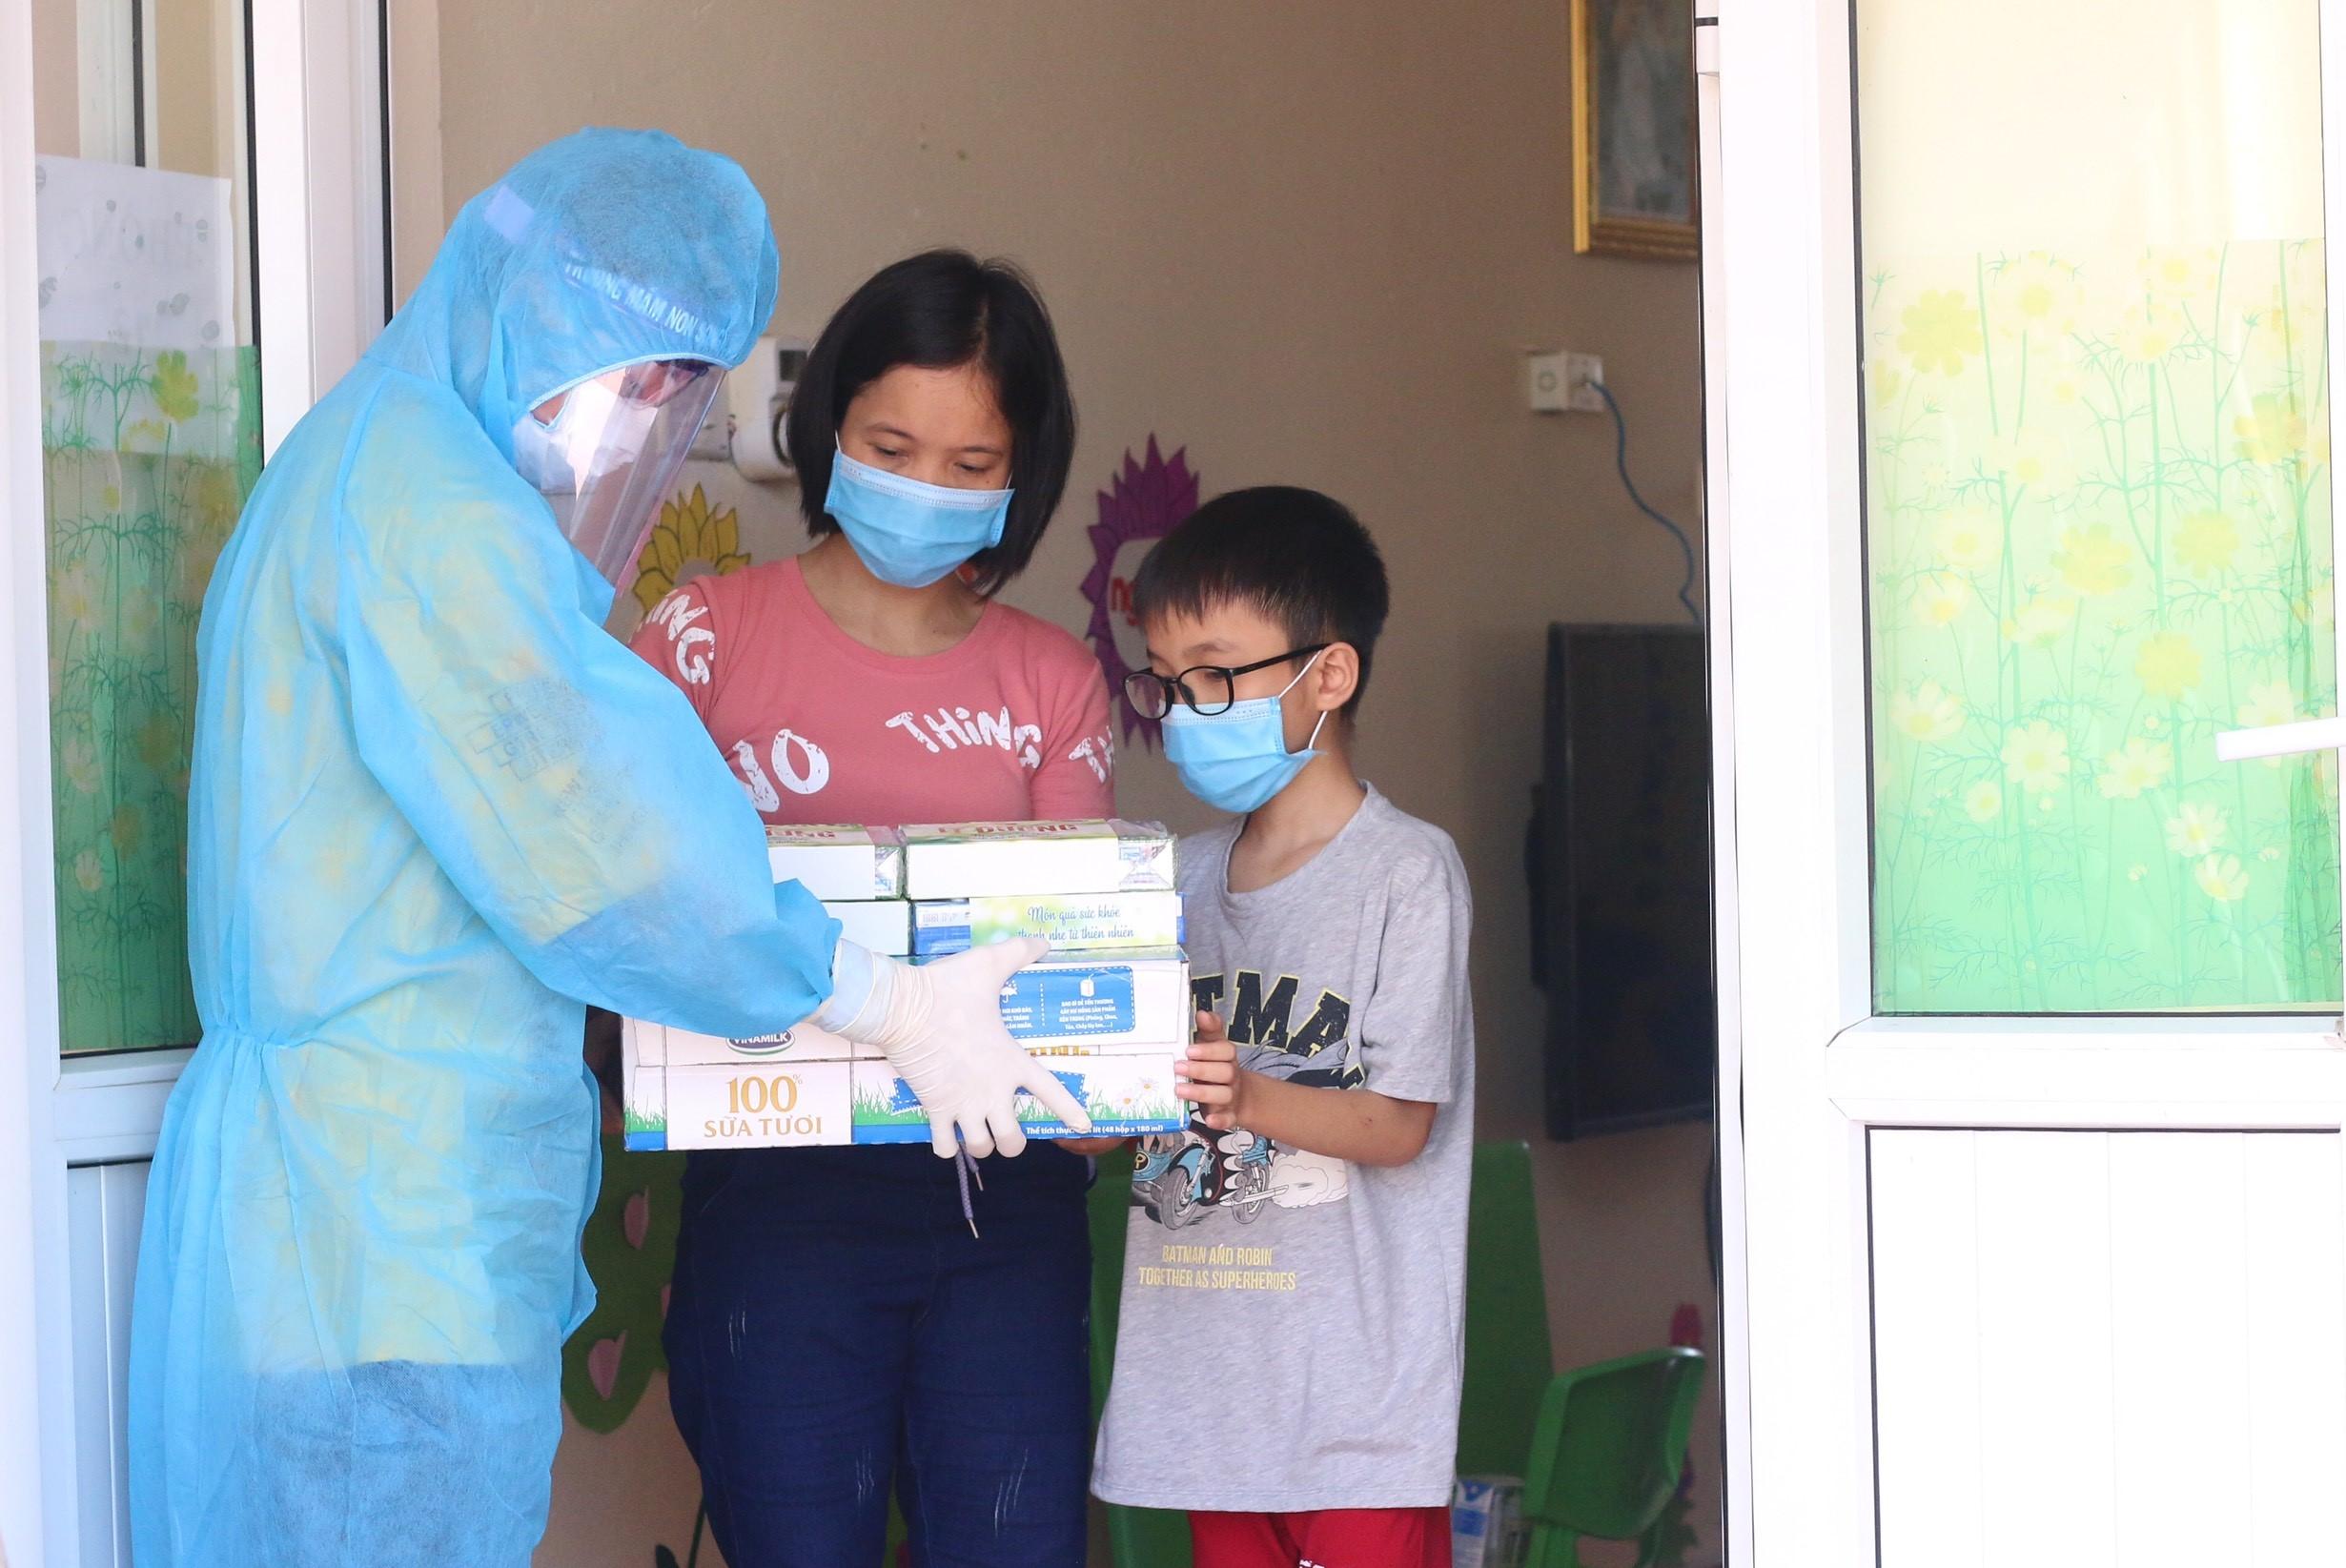 """""""Bạn khỏe mạnh, Việt Nam khỏe mạnh"""" - Chiến dịch của Vinamilk về sức khỏe cộng đồng và cùng ủng hộ Vaccine cho trẻ em 12"""